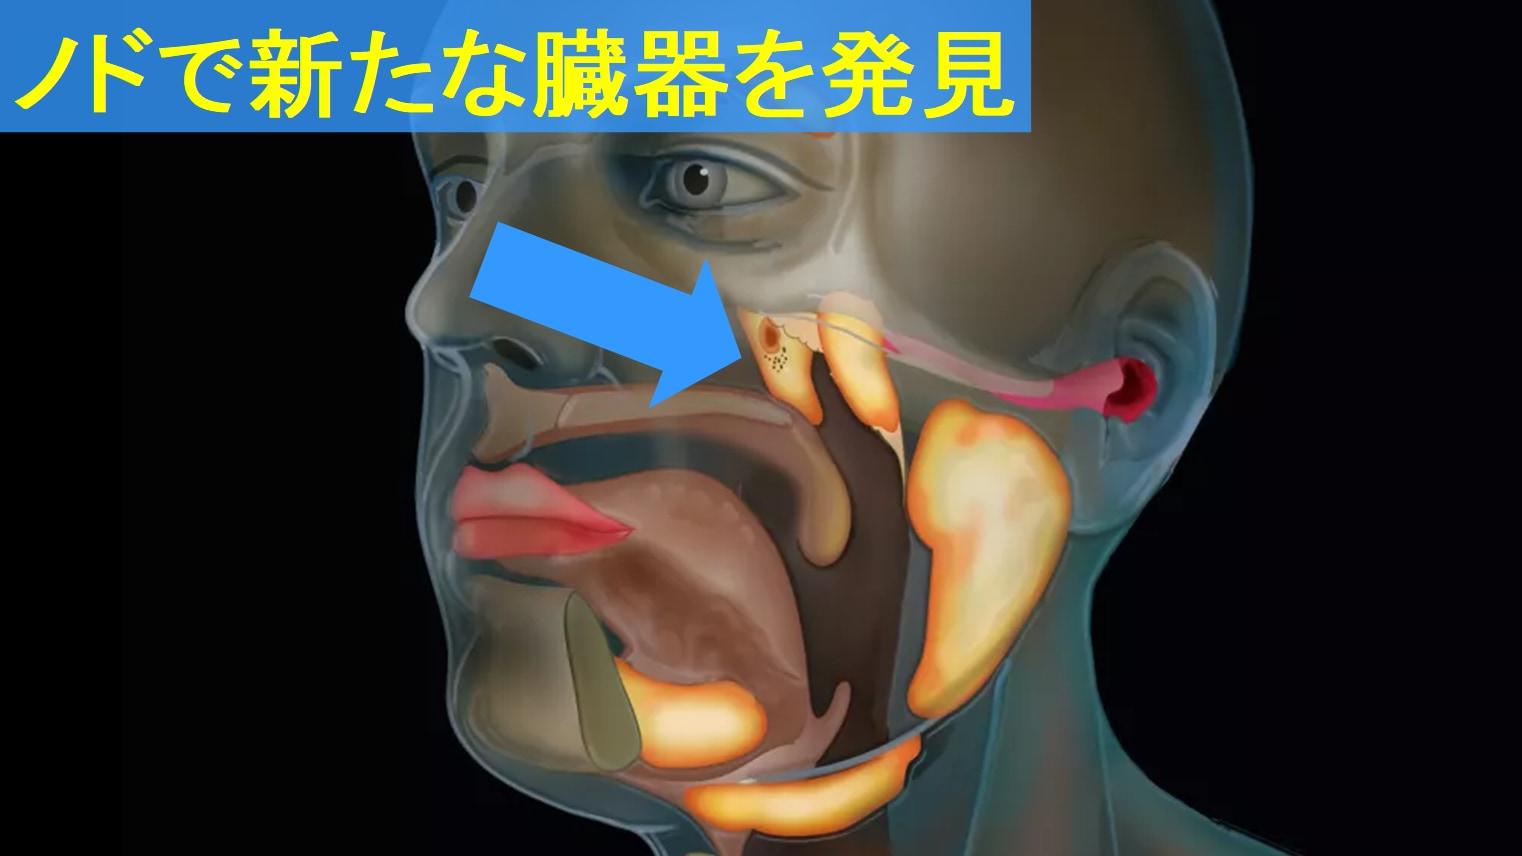 最新のCTスキャンによって喉に新しい臓器が発見された